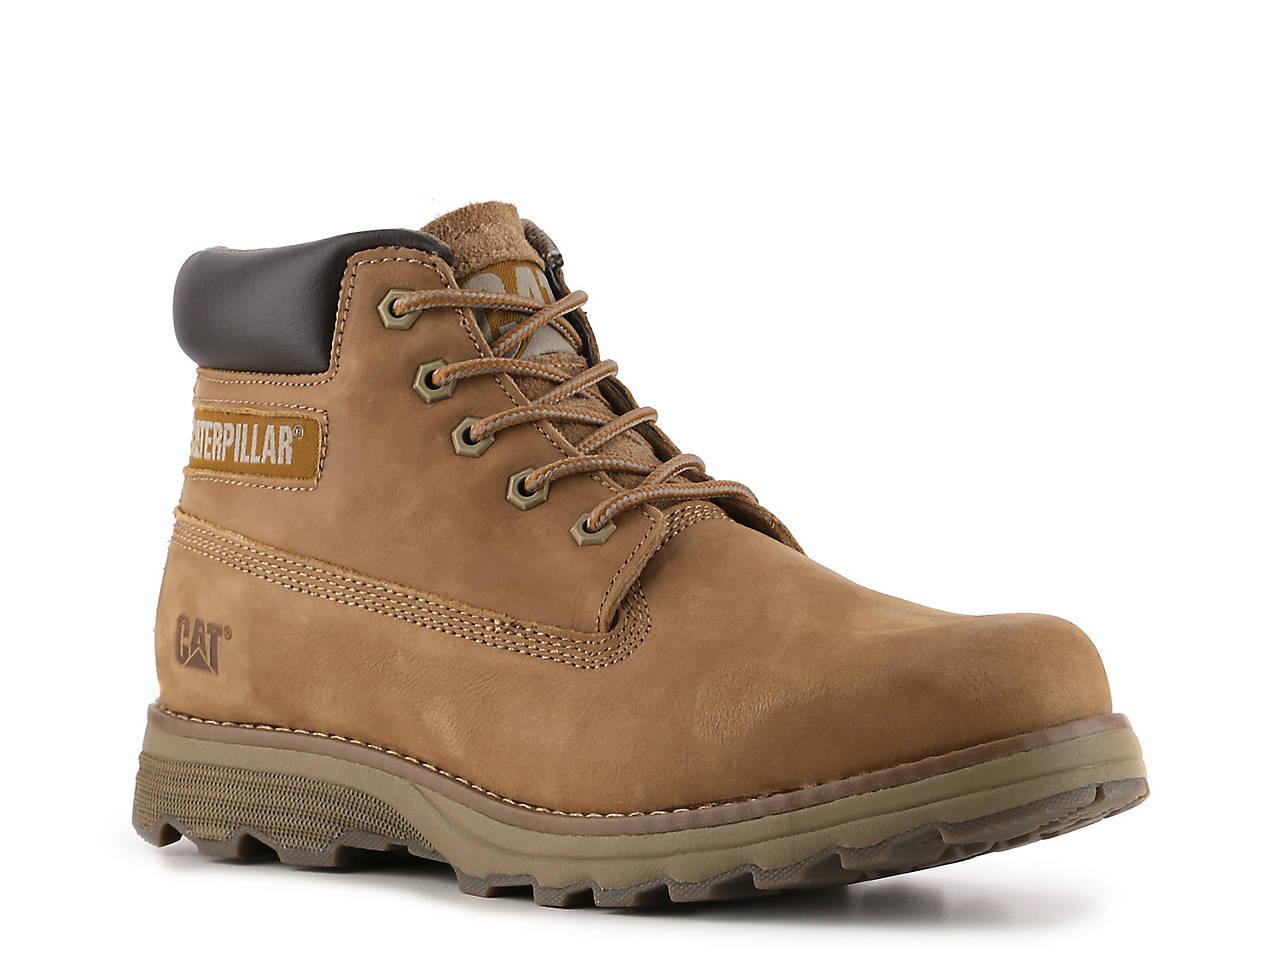 64b2175d9 Caterpillar Founder Boot Men s Shoes